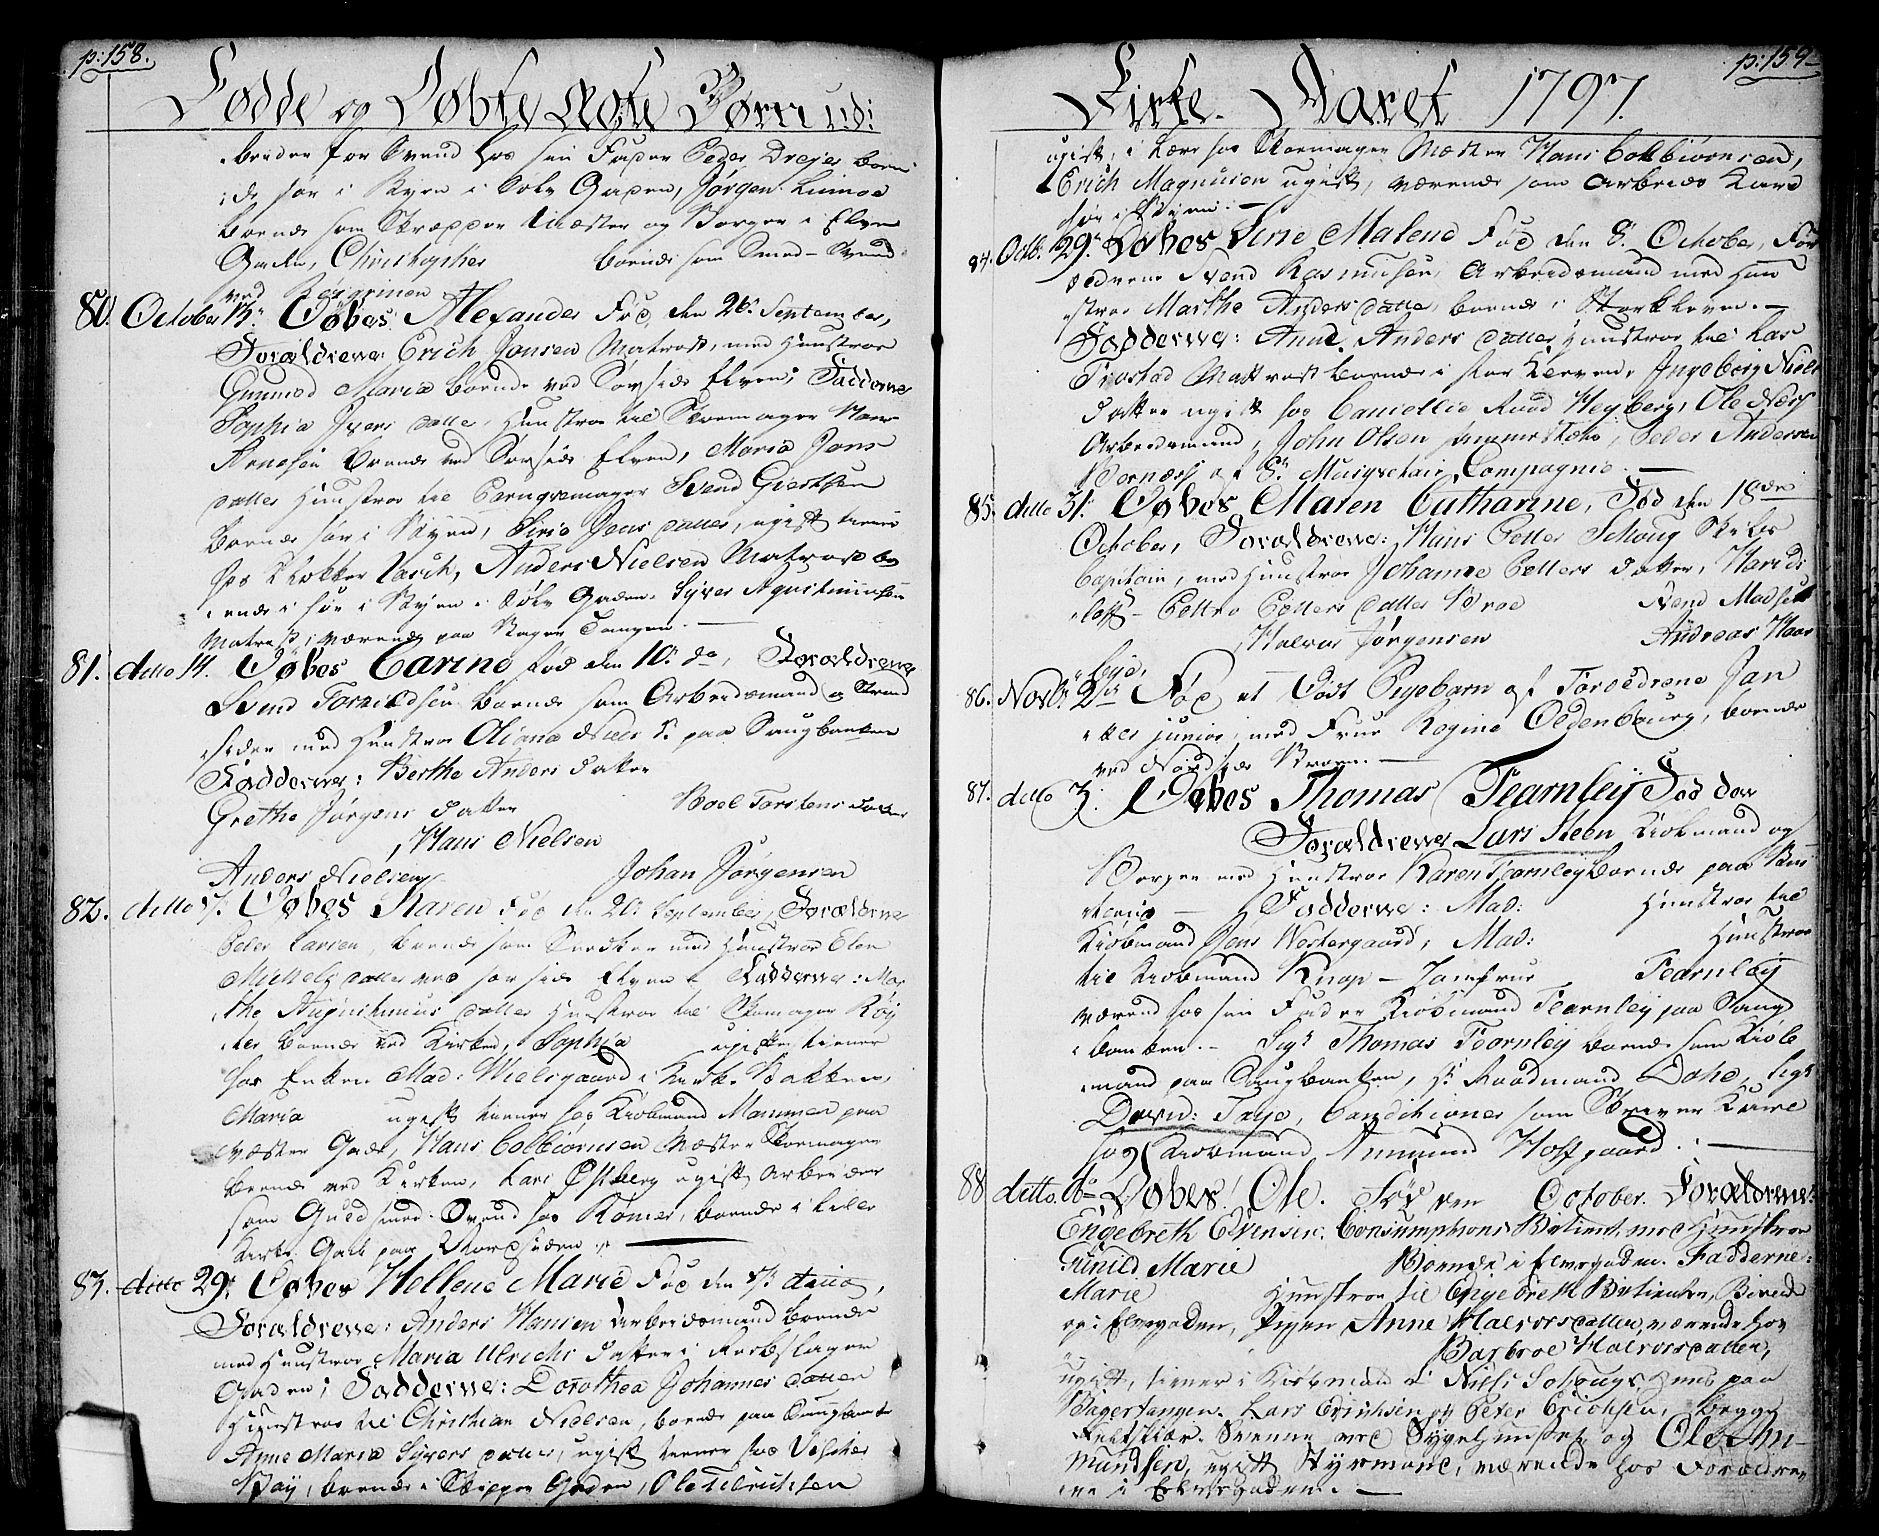 SAO, Halden prestekontor Kirkebøker, F/Fa/L0002: Ministerialbok nr. I 2, 1792-1812, s. 158-159